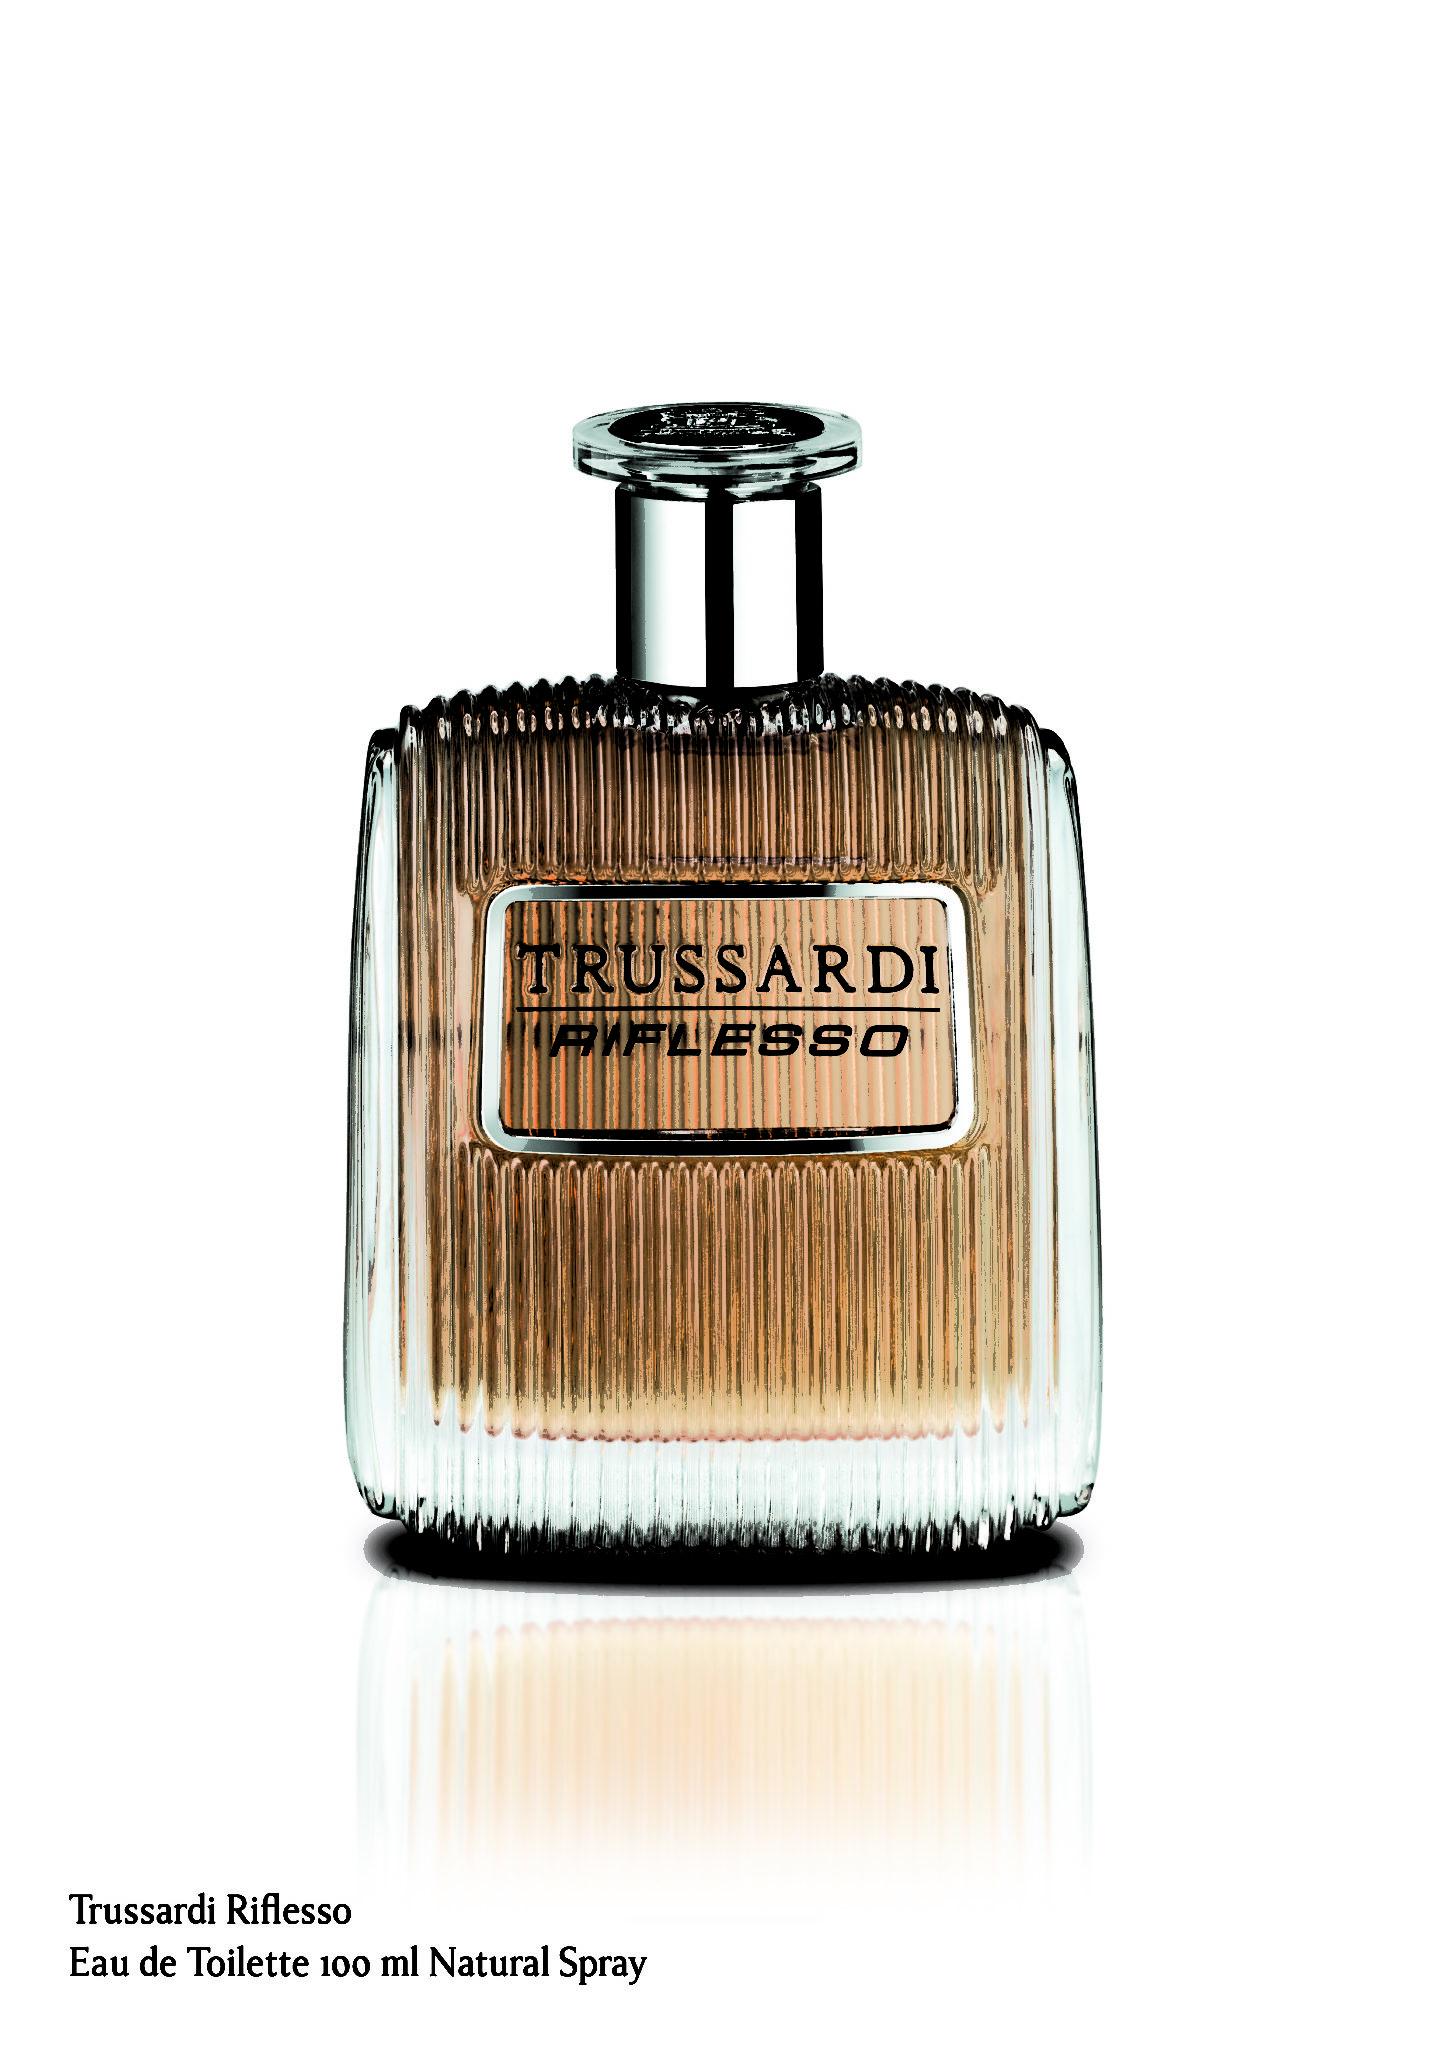 Trussardi Riflesso_Miglior profumo made in Italy maschile